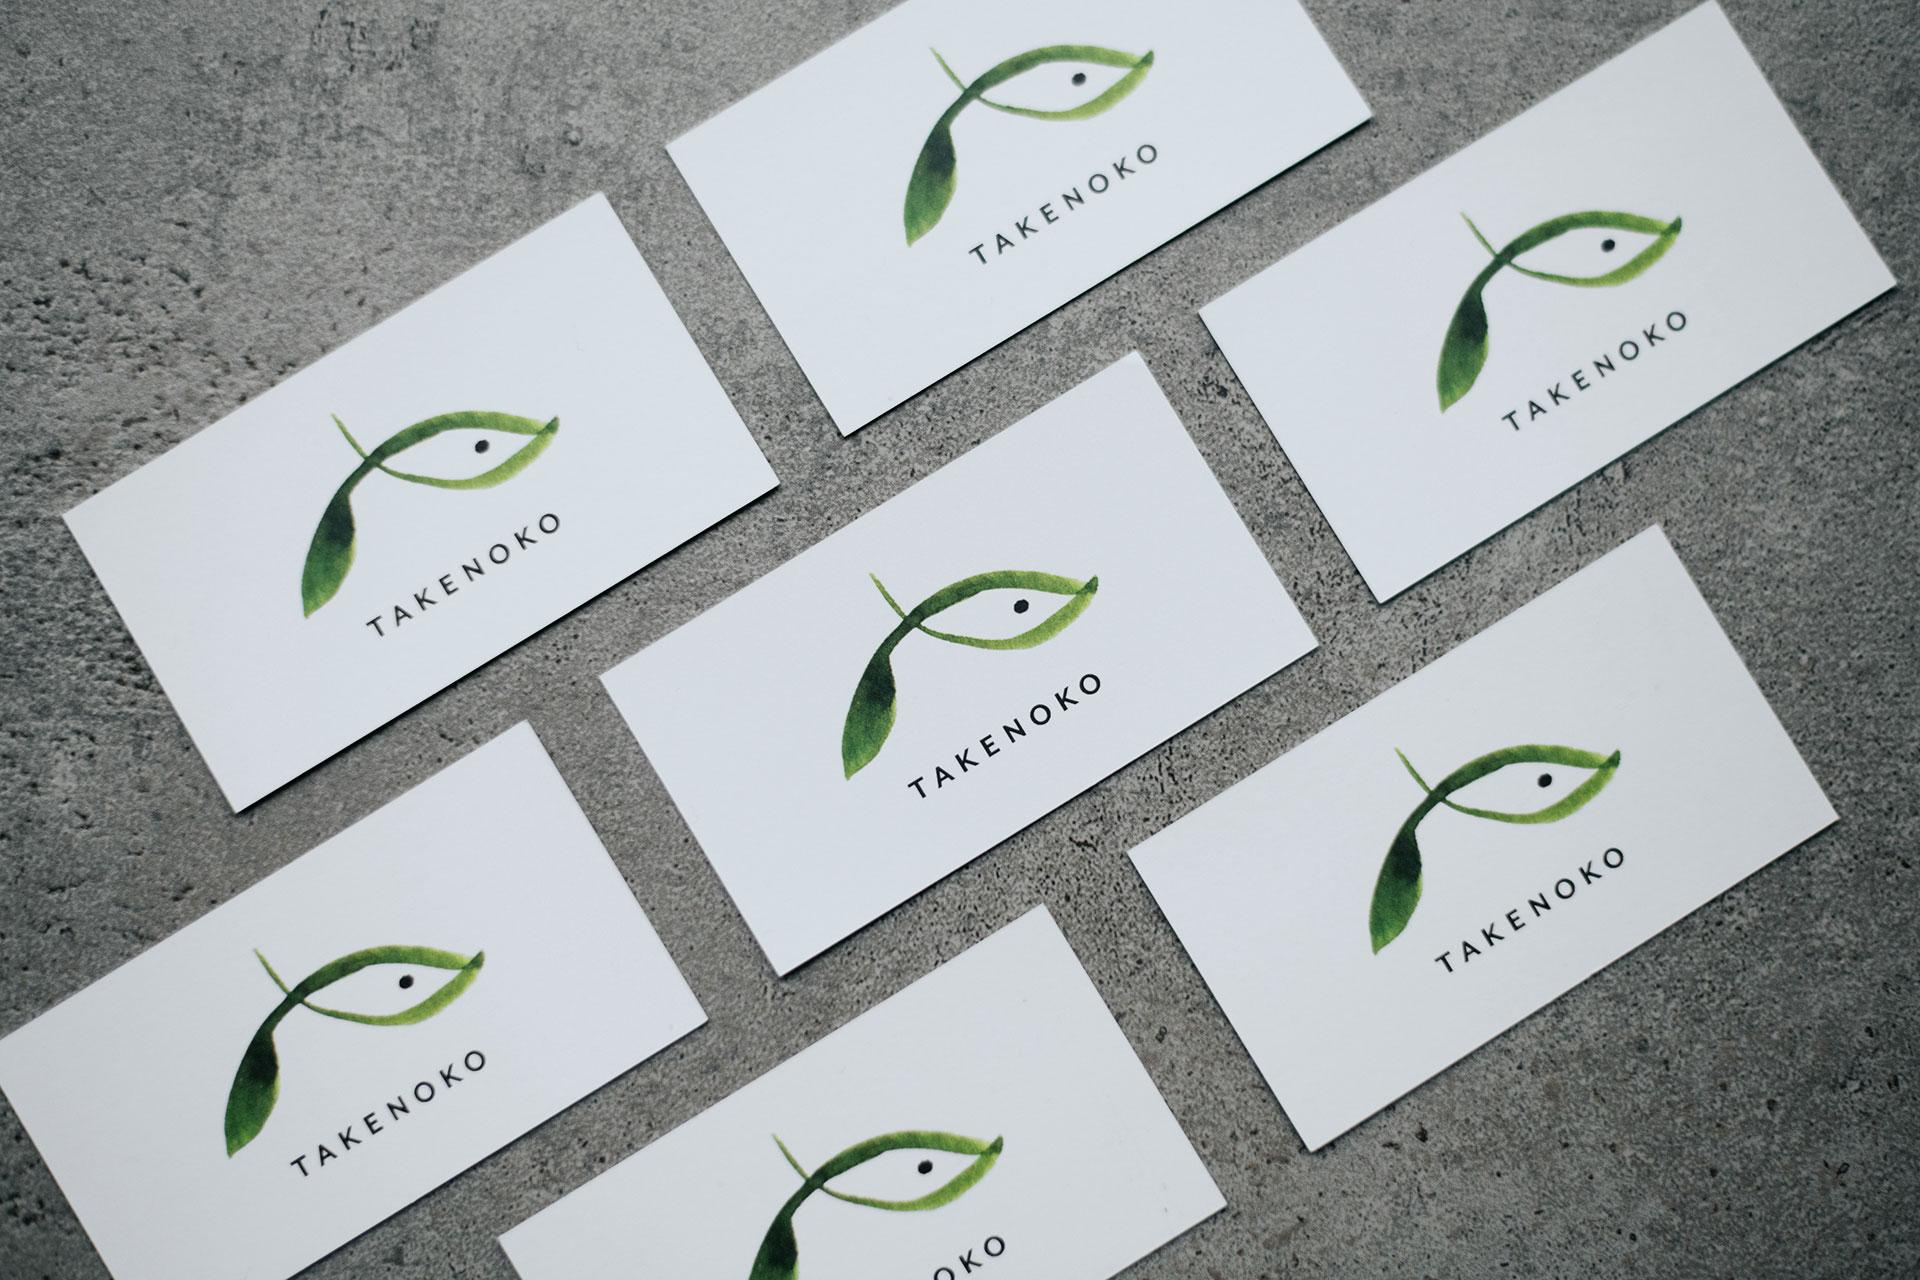 Takenoko_business-card_2